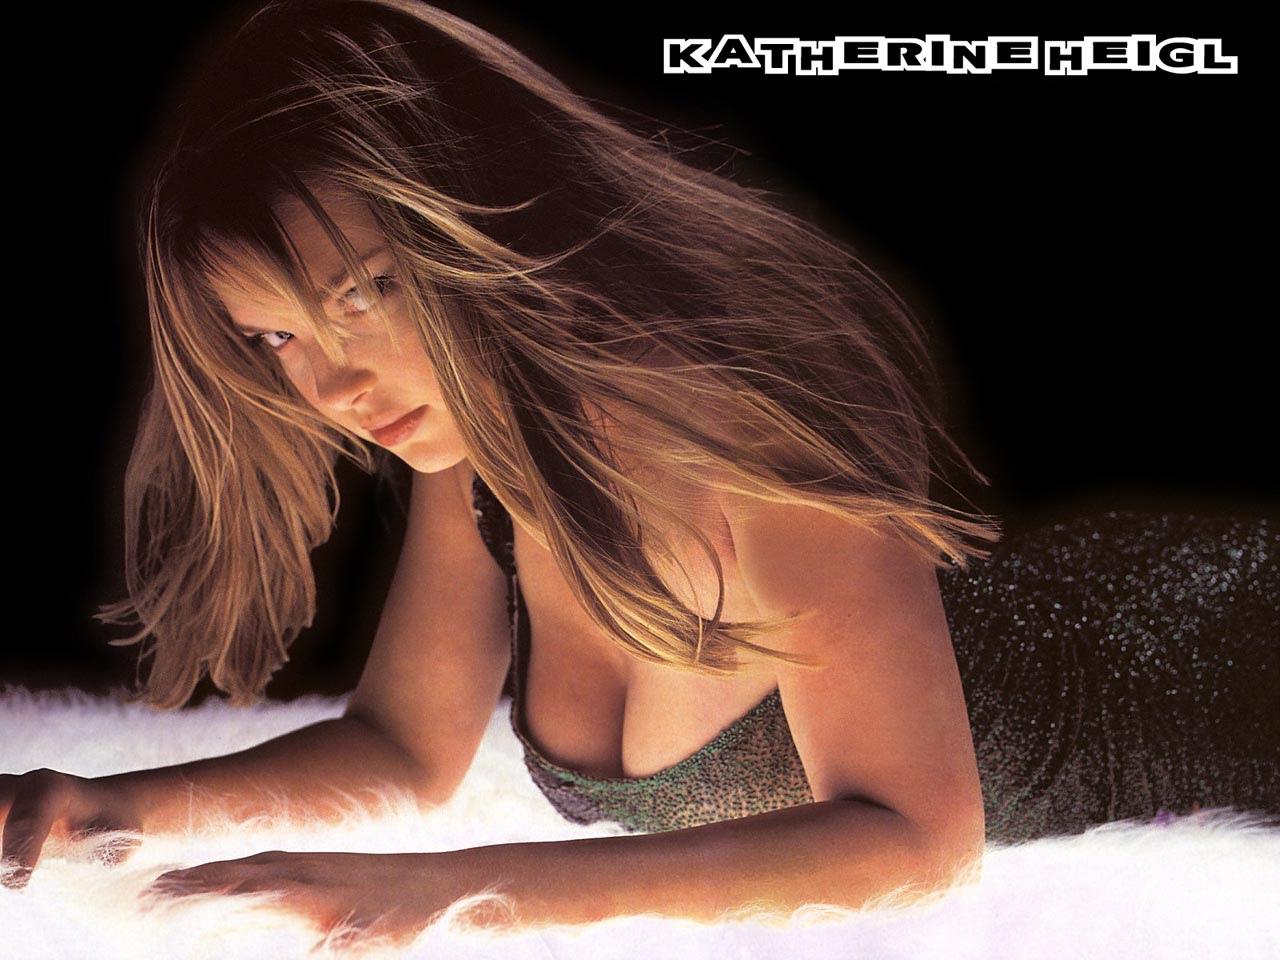 http://3.bp.blogspot.com/__I3qlN78no4/TJAkcZcrv-I/AAAAAAAAAjU/yMJl7tYj1to/s1600/Katherine-Heigl-31.jpg